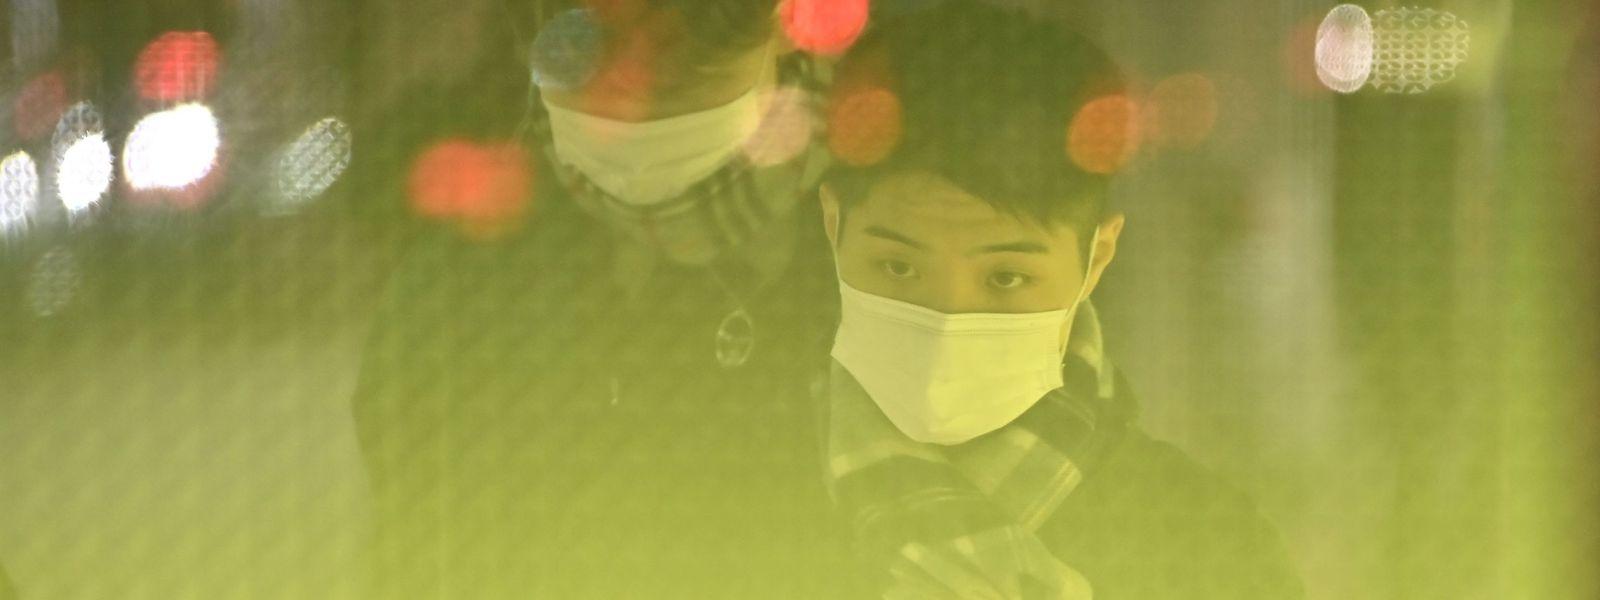 Passanten mit Atemschutzmasken in China: Die Ansteckungsgefahr in Zusammenhang mit der neuen Lungenkrankheit wird für Menschen in China immer größer.